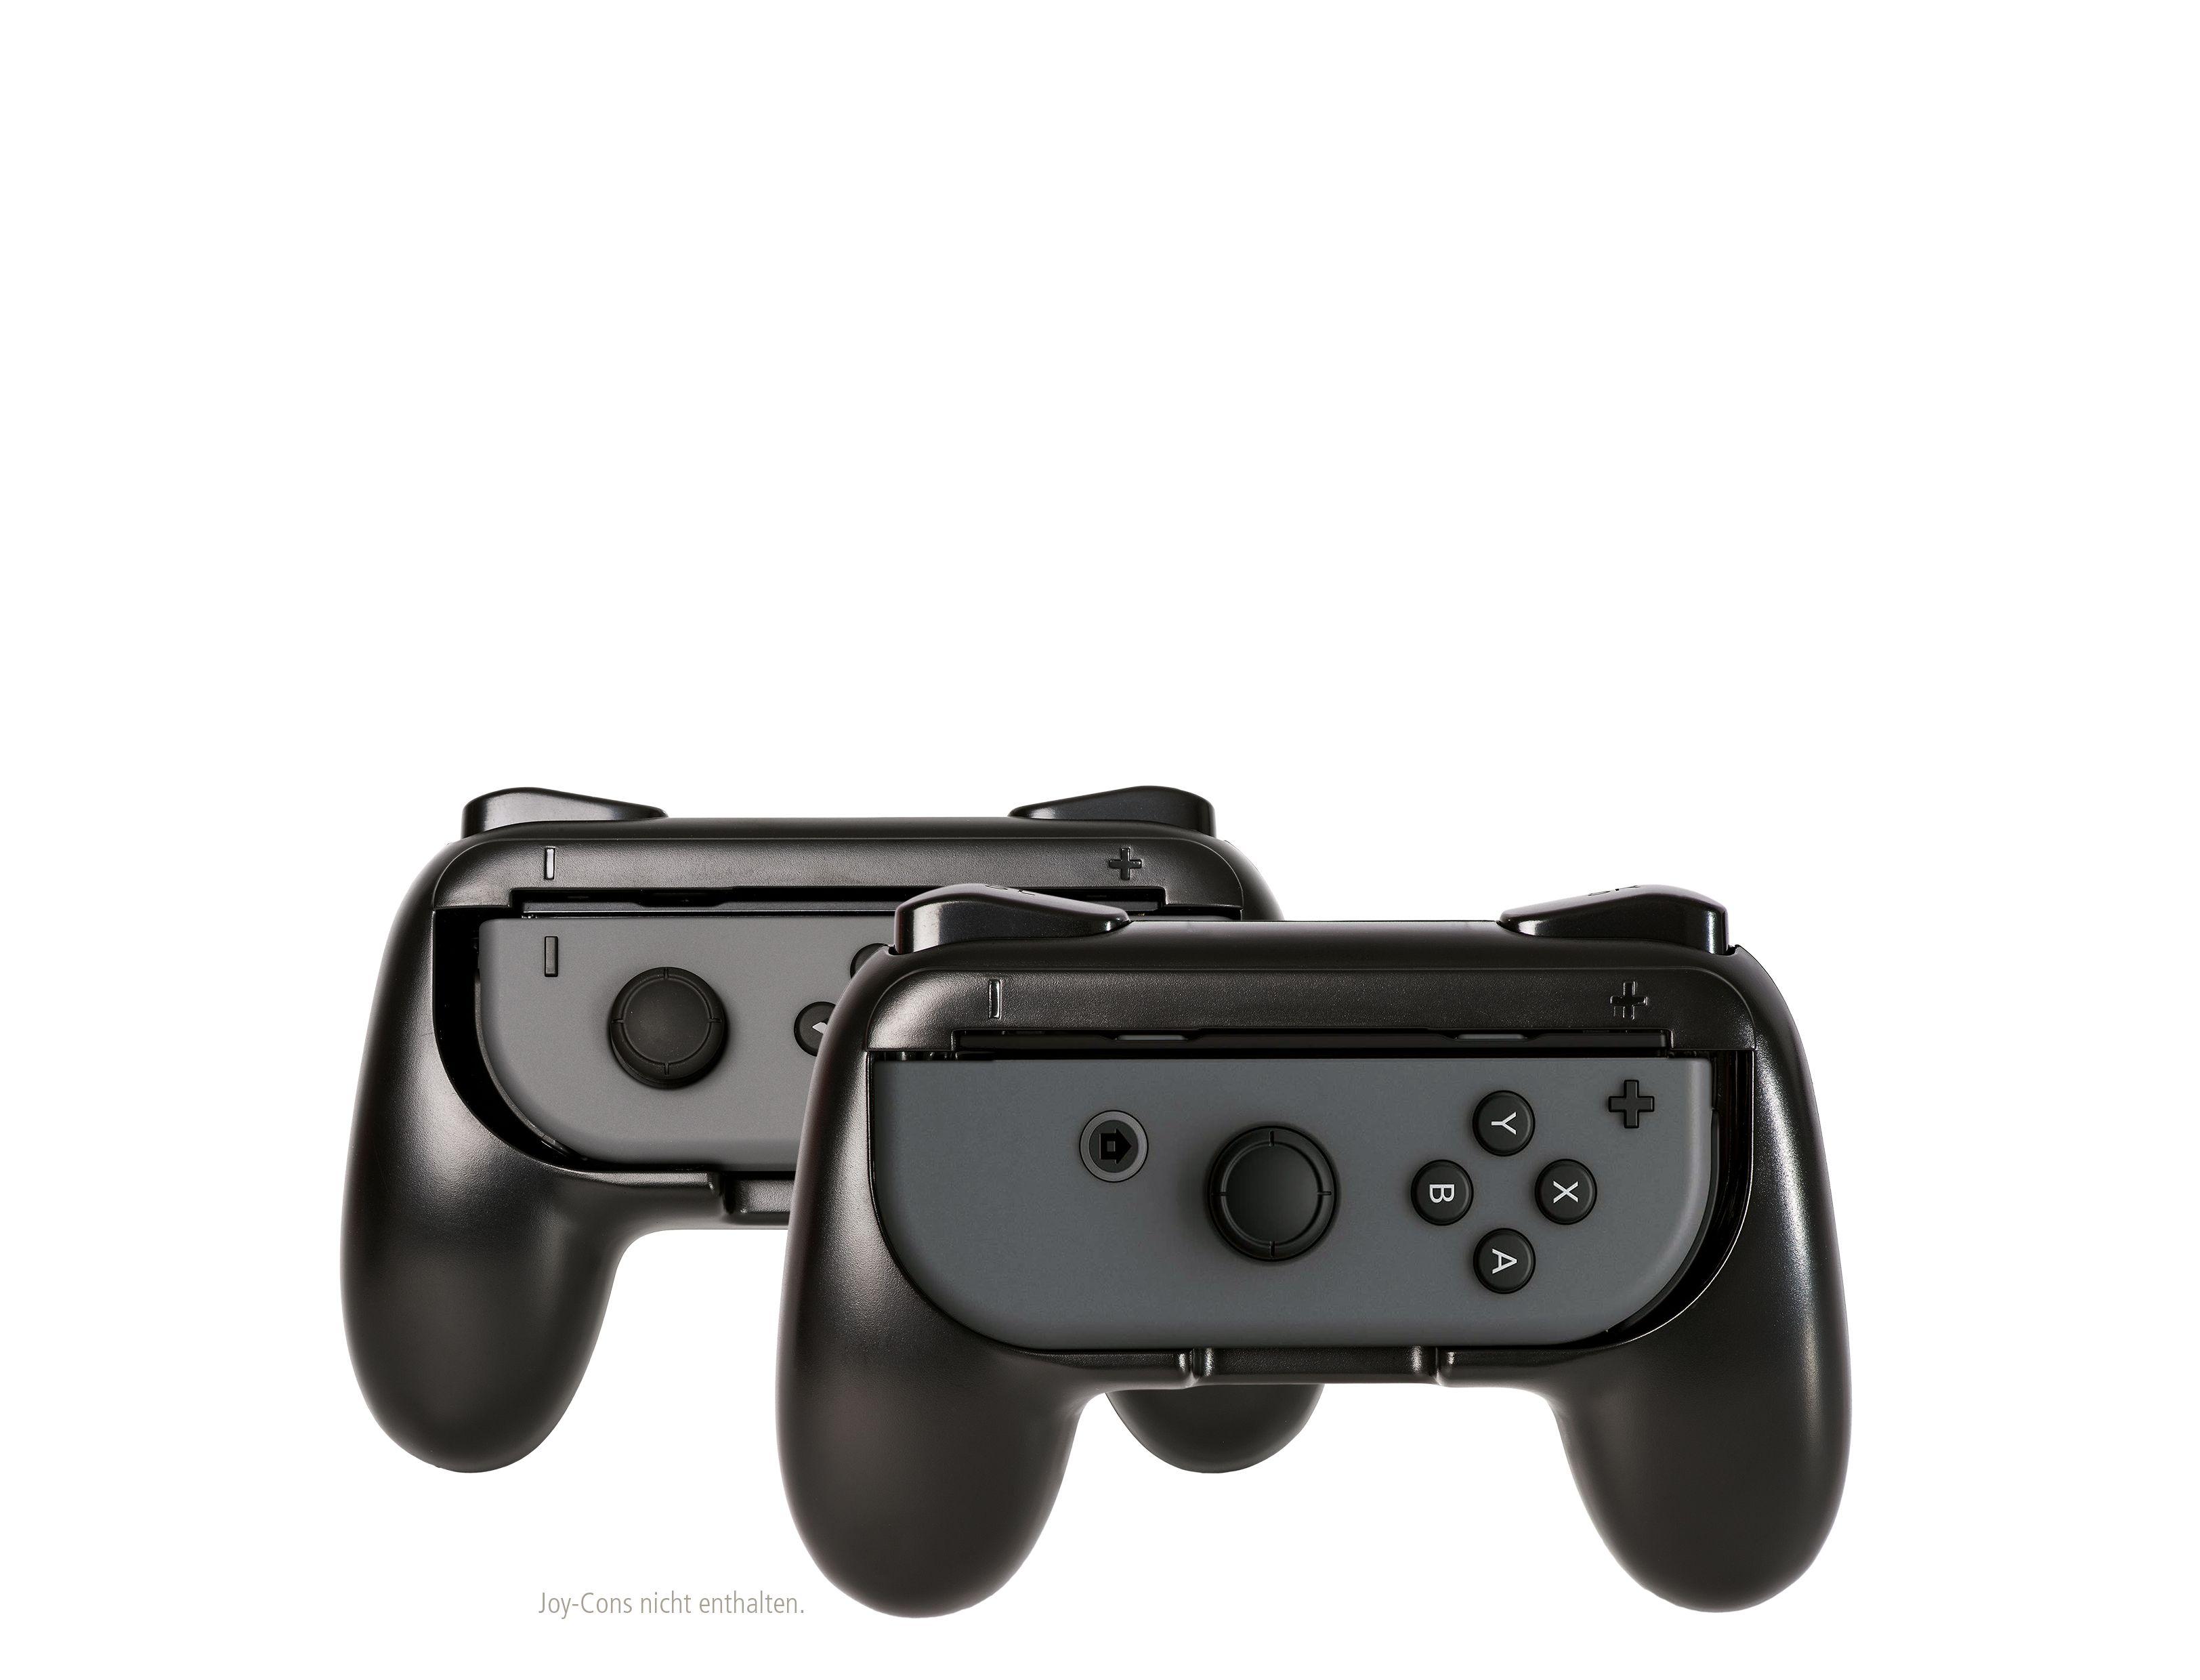 Zwei Controller Griffe Fr Den Linken Und Rechten Nintendo Switch Joy Con Controllers Grey Ergonomische Lange Spiel Sessions Leichtere Handhabung